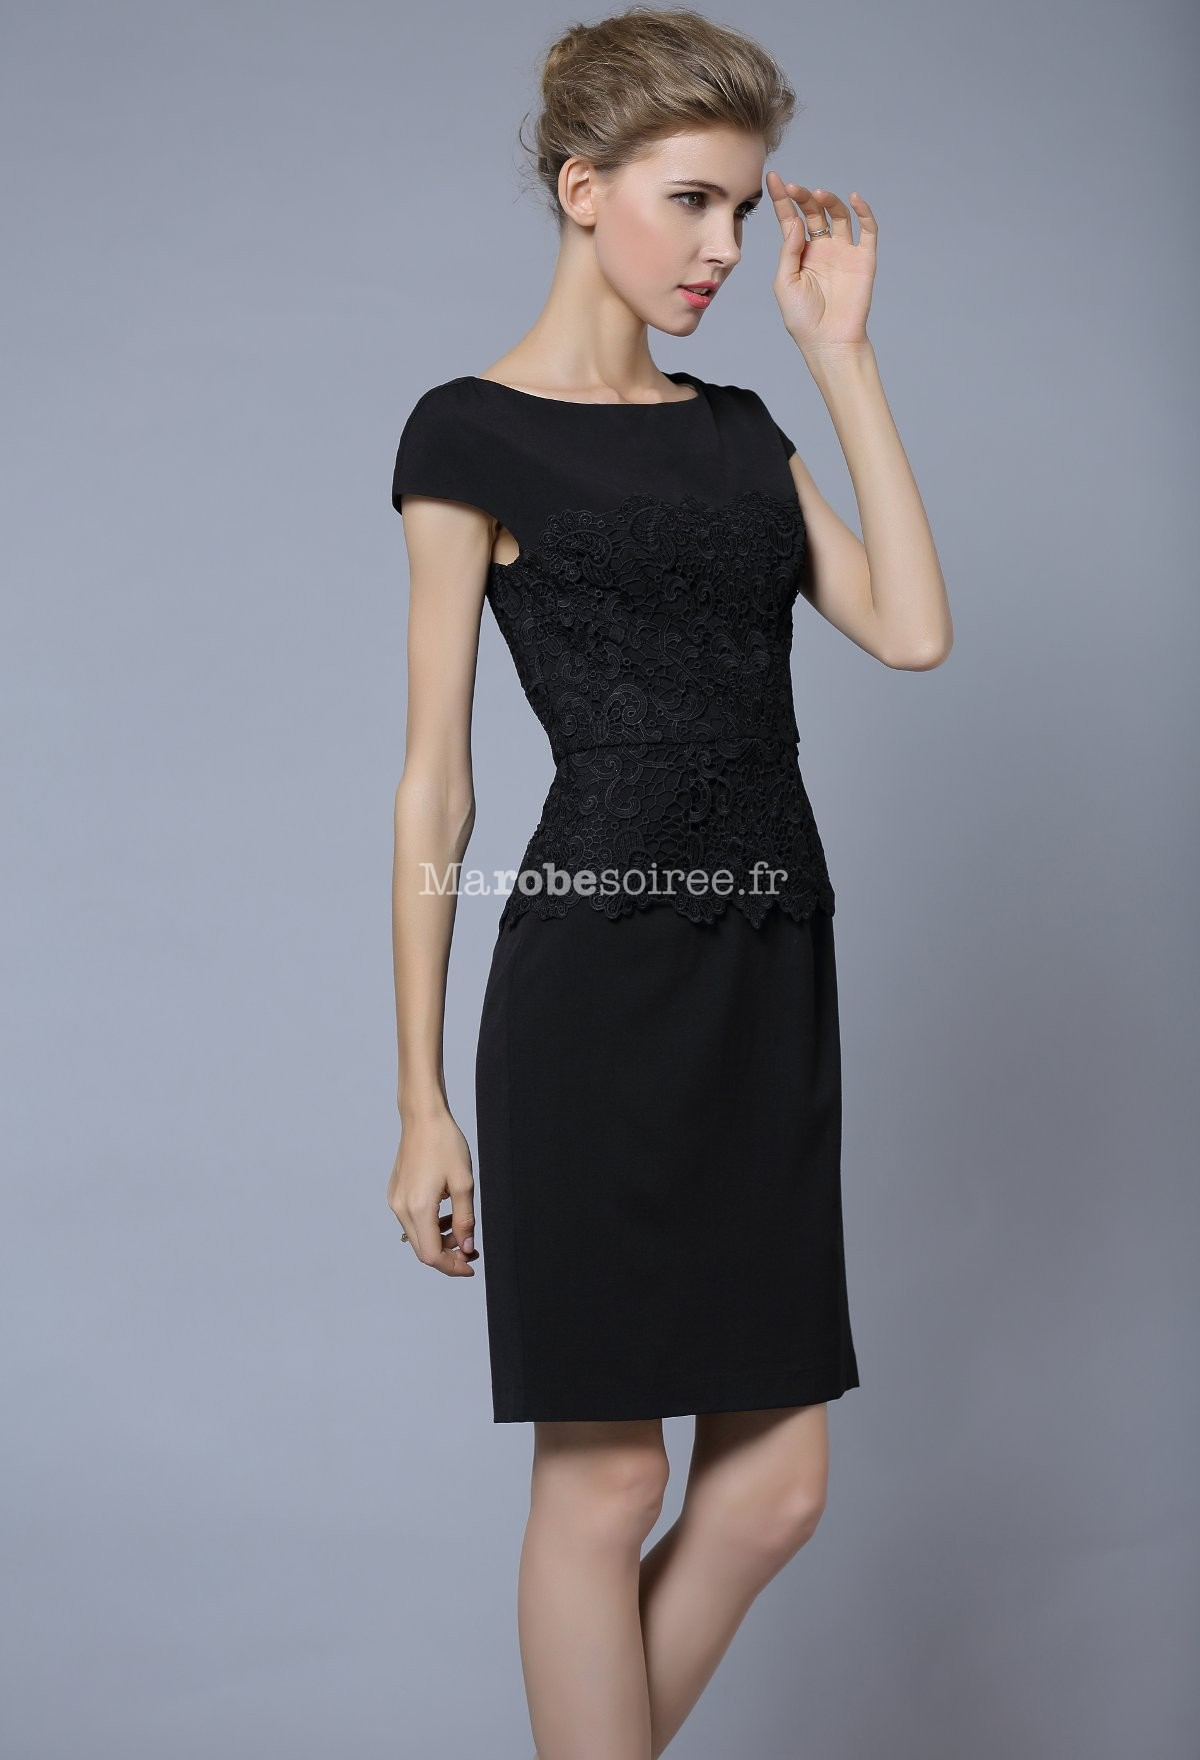 Robe noire courte originale